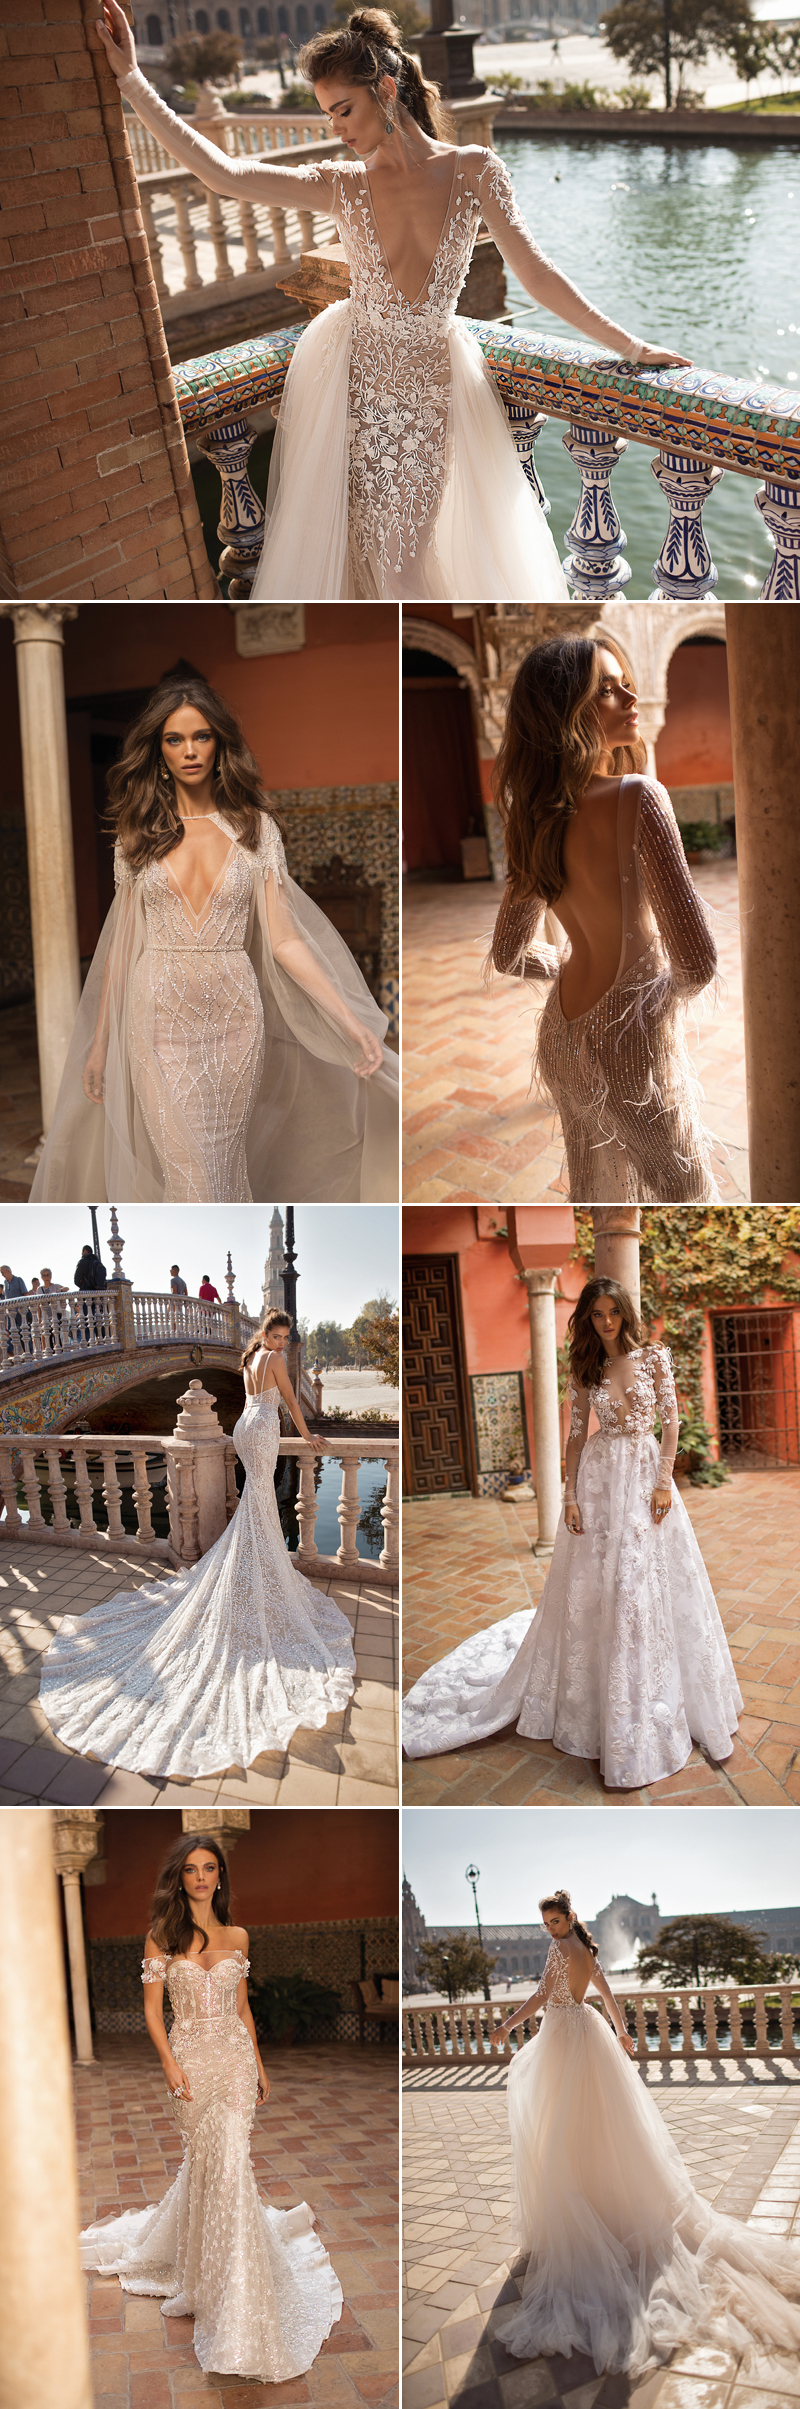 fashion-forward-weddingdress05-Berta